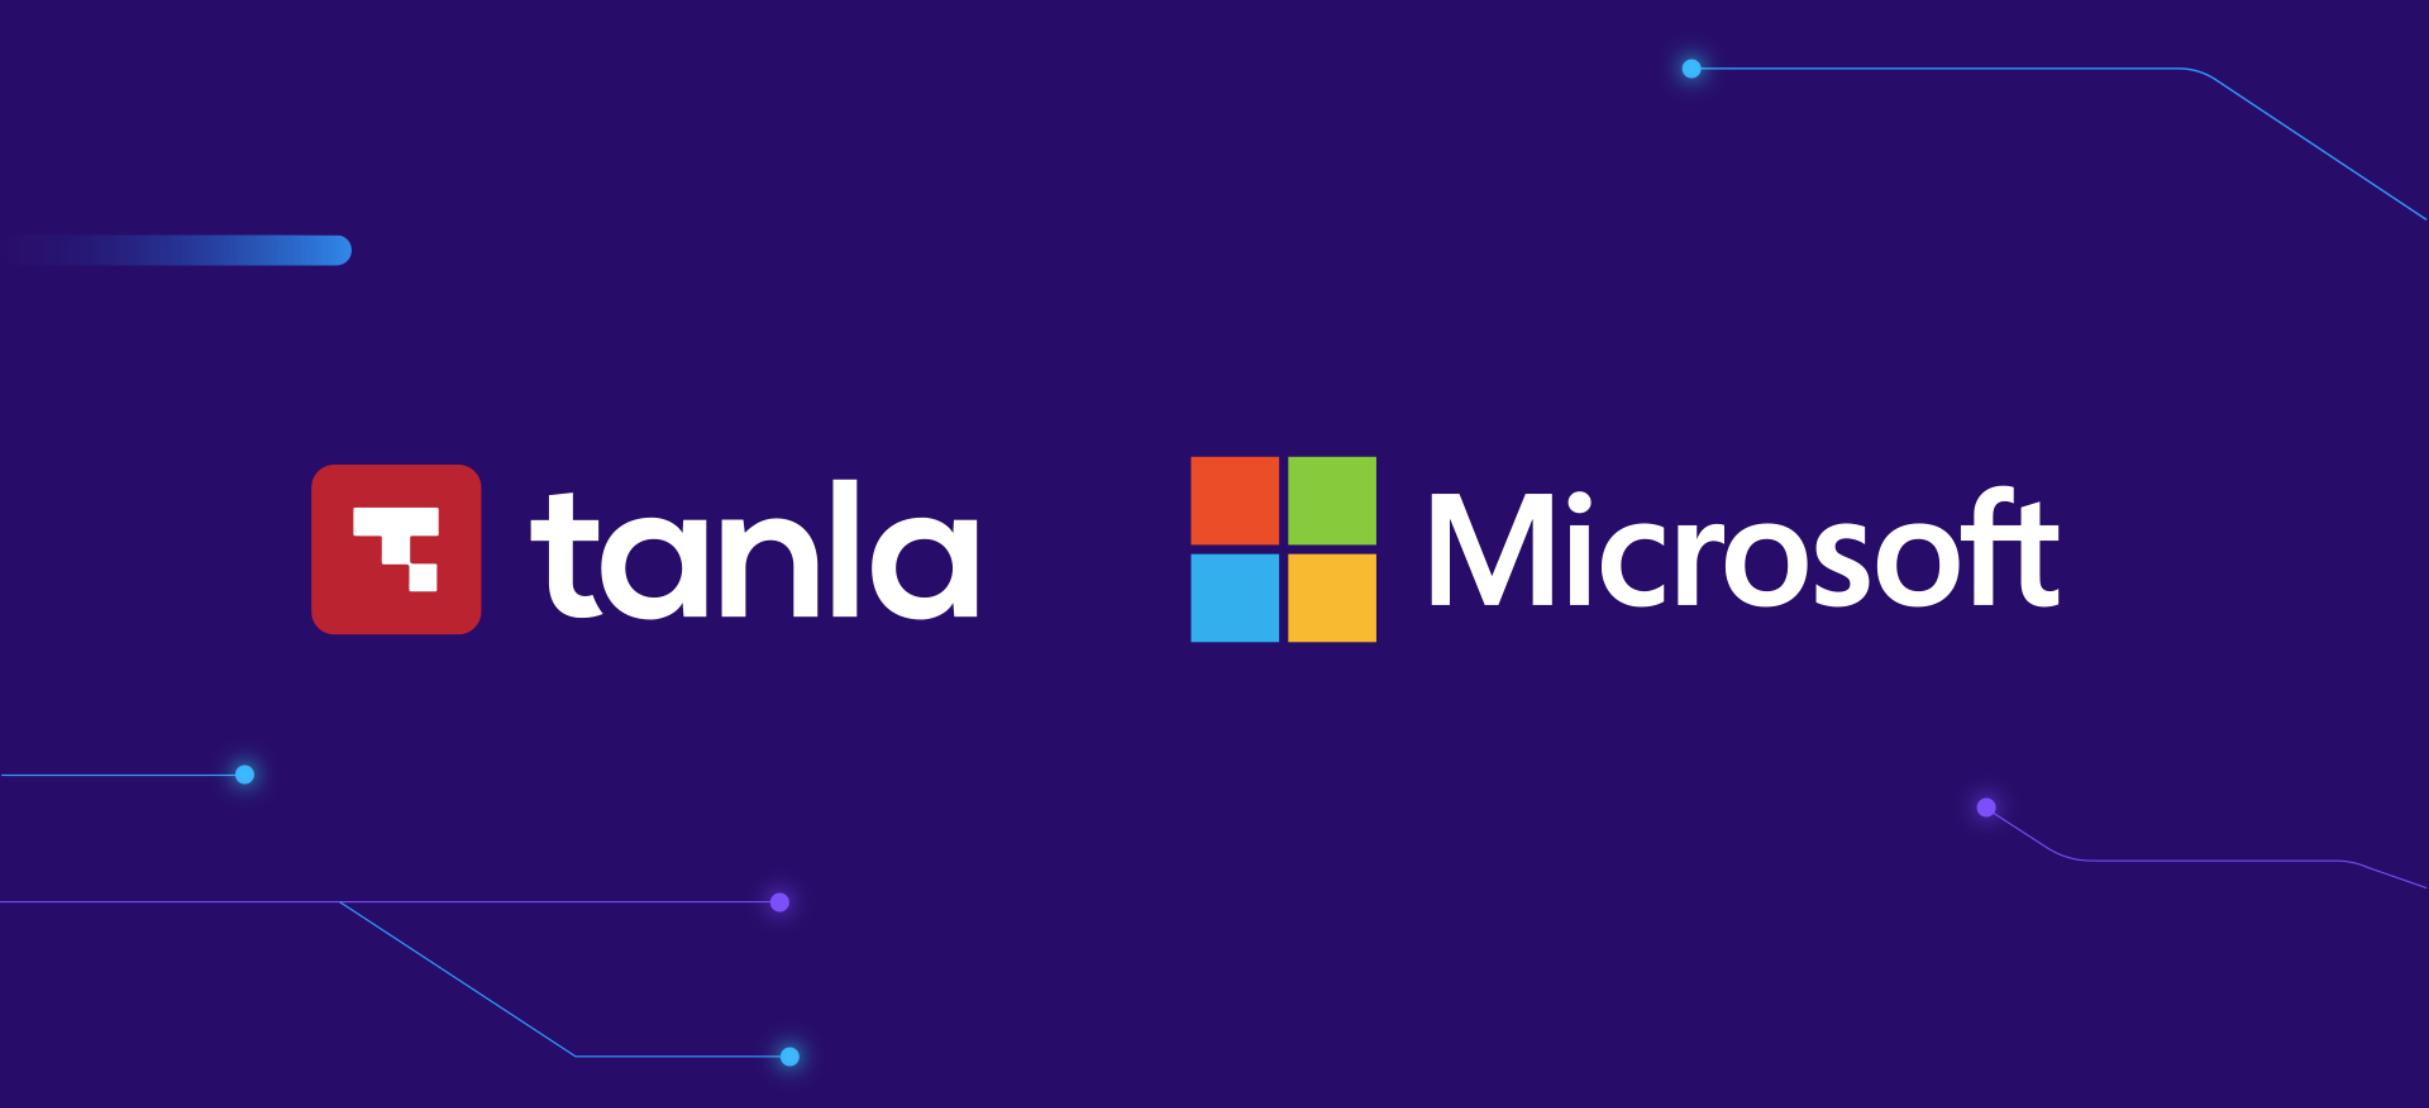 Tanla yhteistyössä Microsoftin kanssa käynnistää lohkoketjupohjaisen Wisely CPaaS-alustan